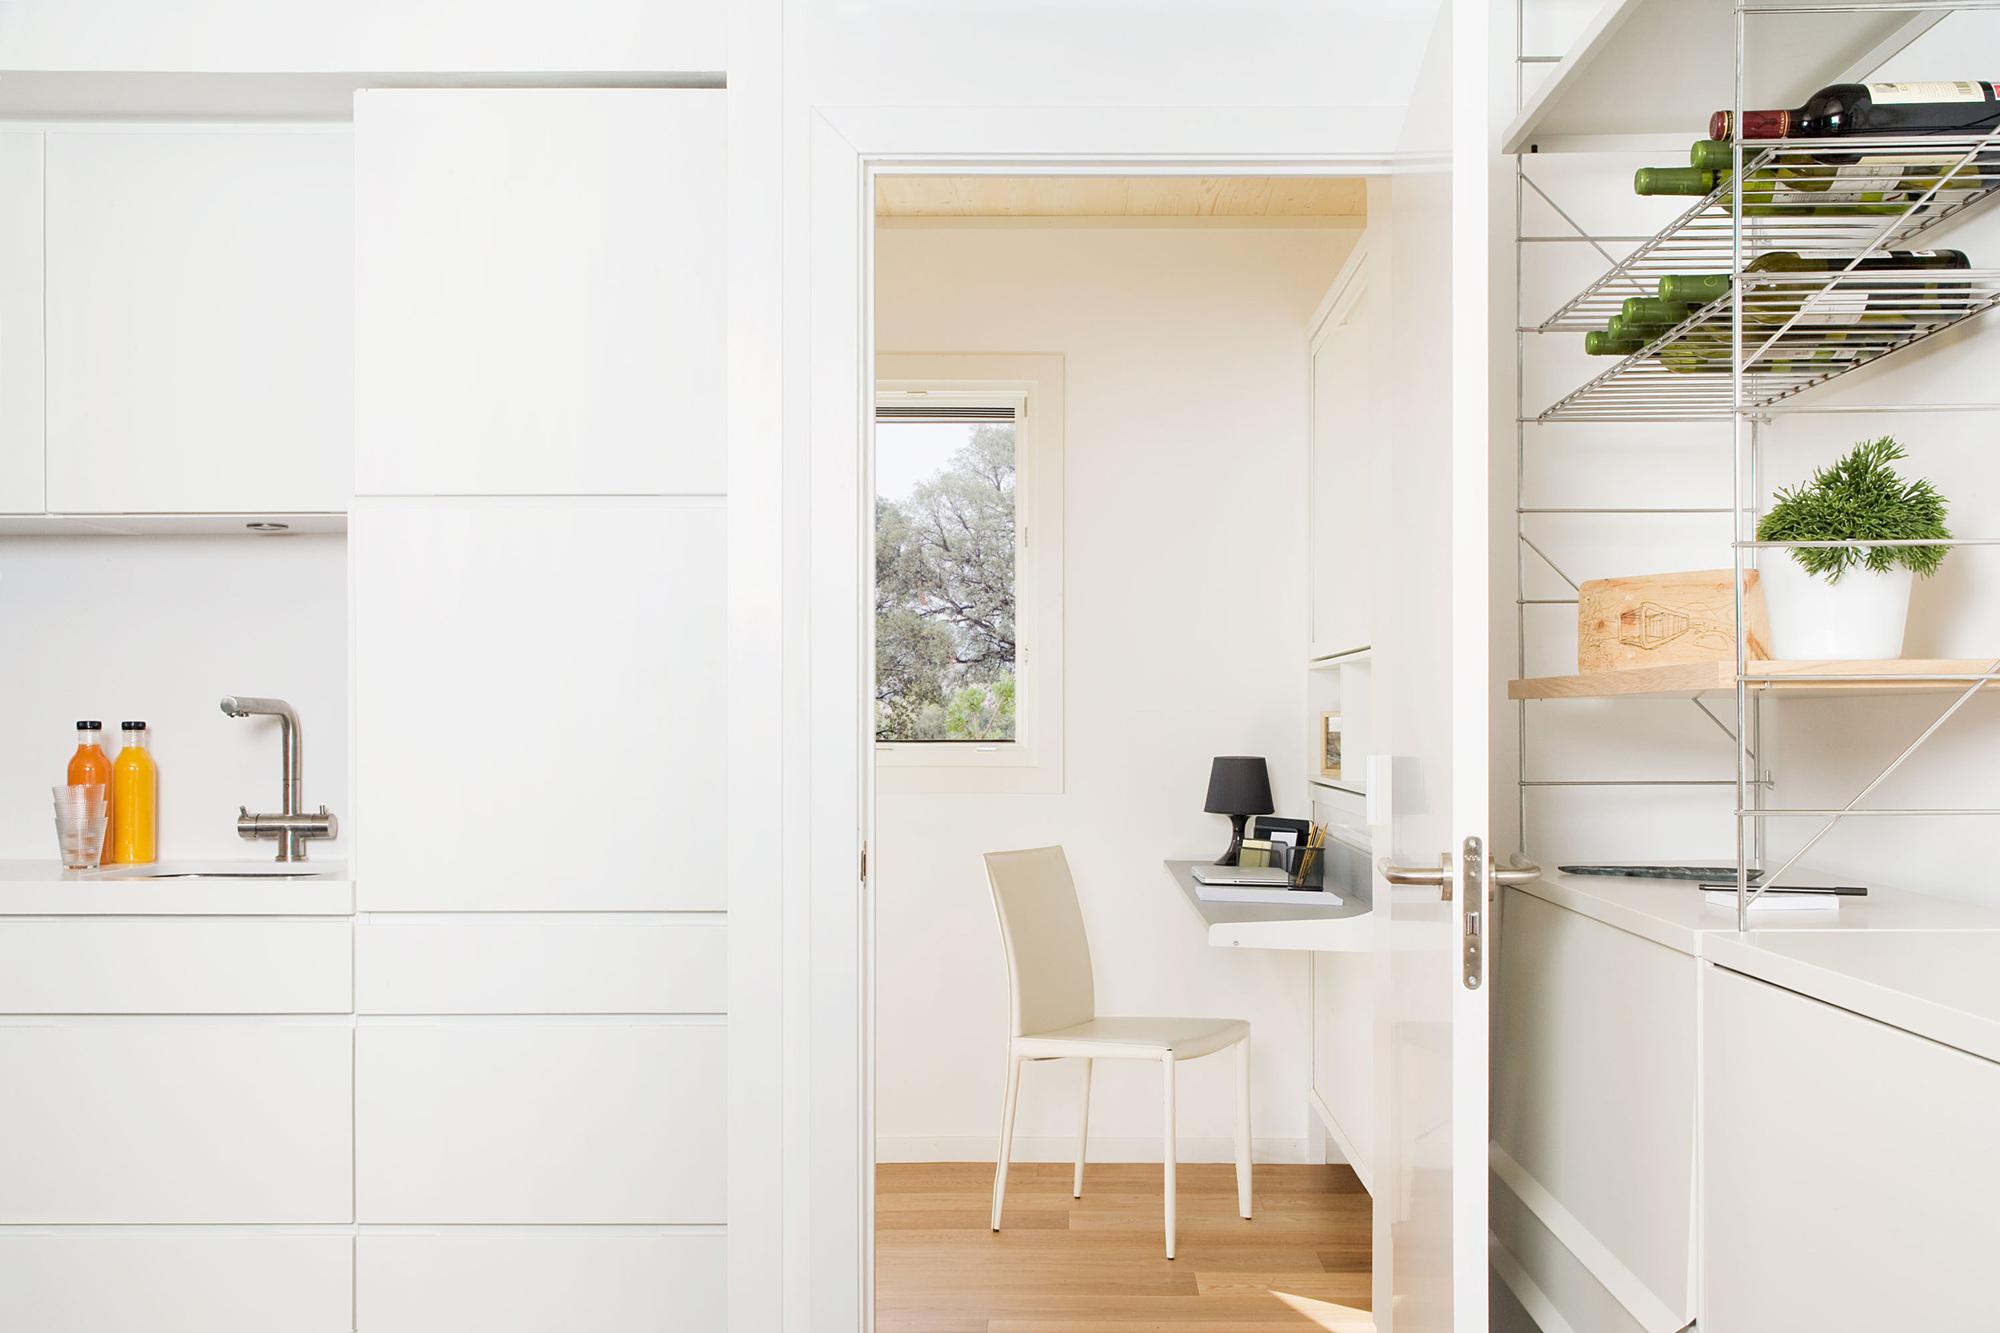 casa moderna ecologica 11